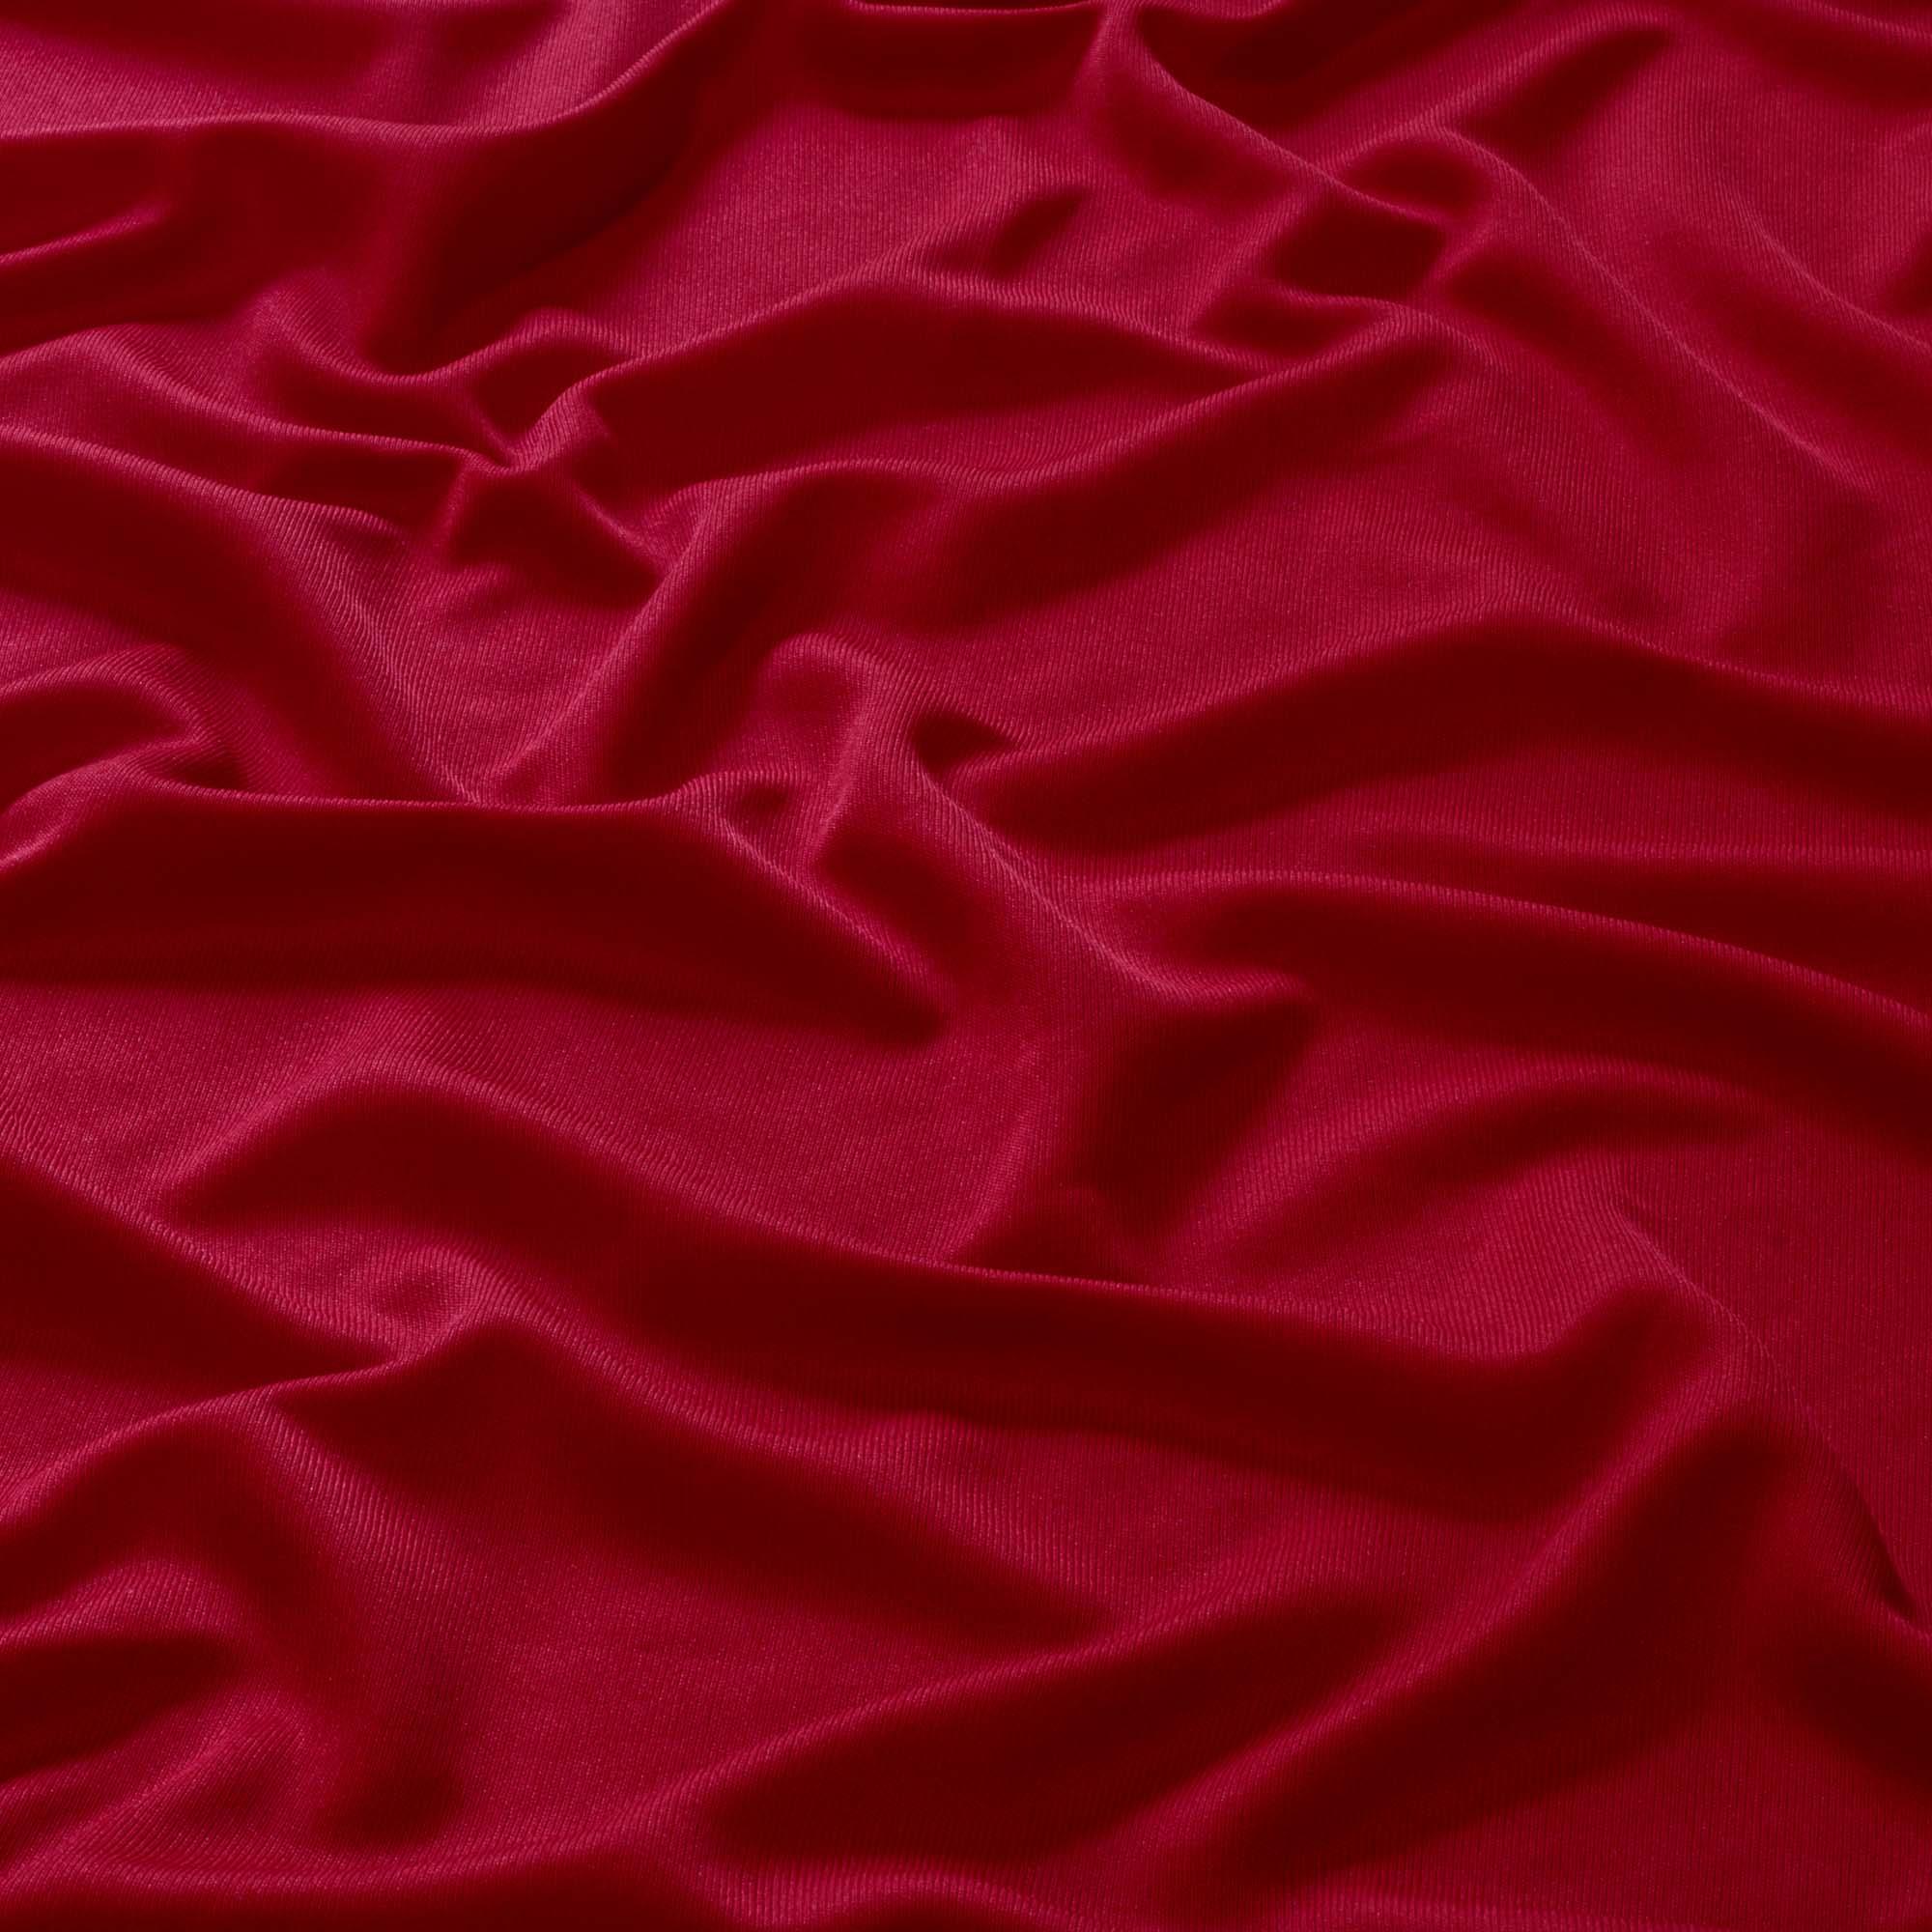 Tecido Malha Helanca Light Vermelha 100% Poliester 1,80 m Largura